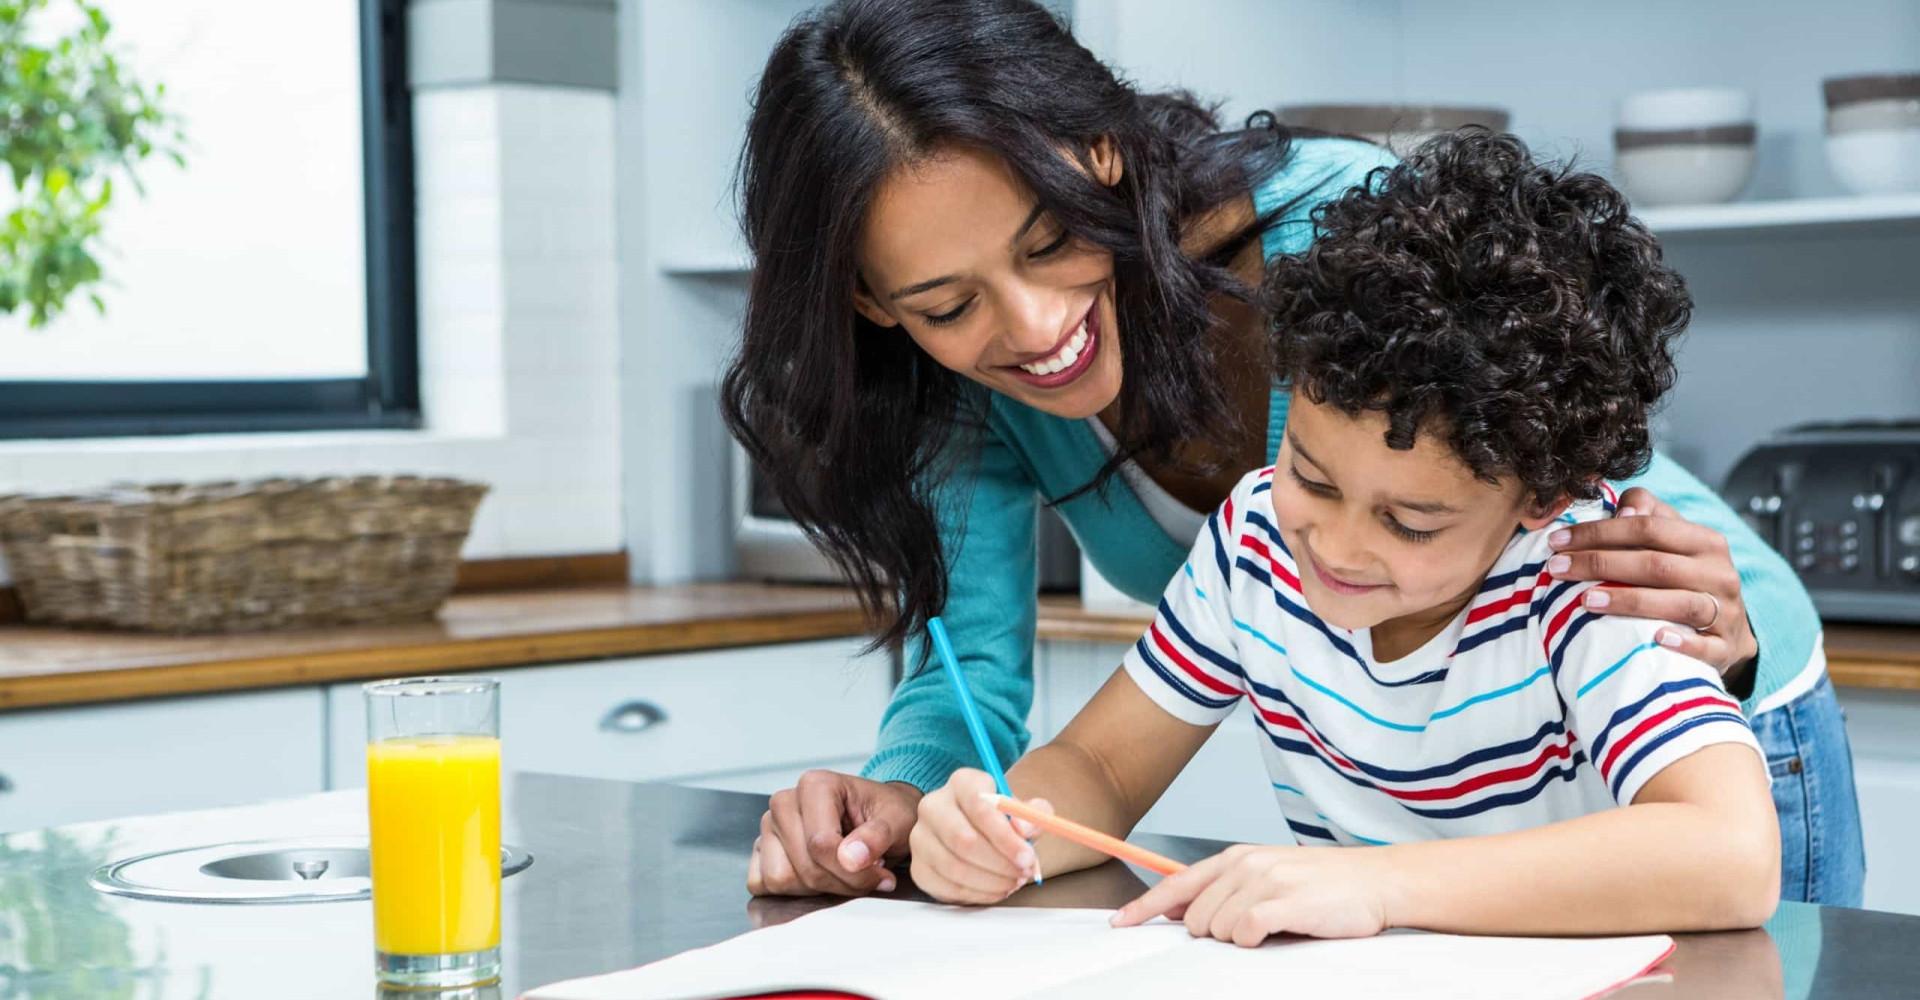 Huiswerk: is het verstandig om je kinderen te helpen?